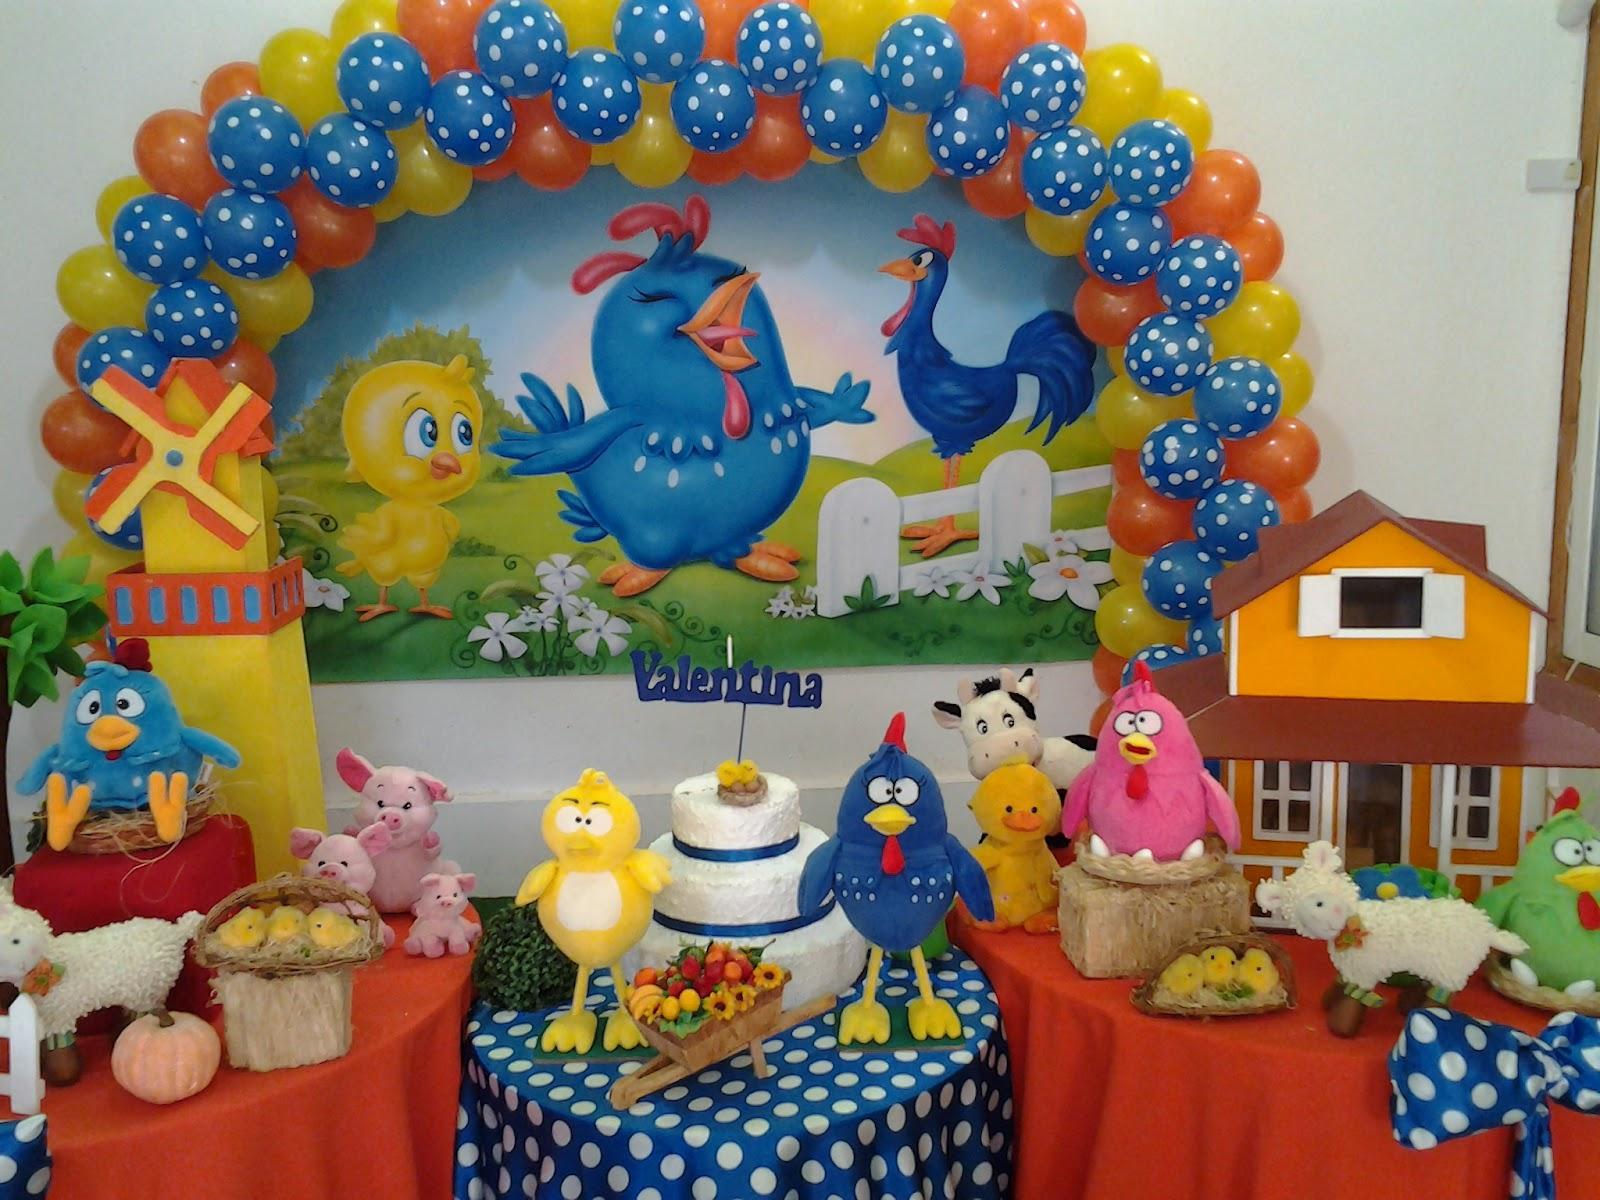 L m eventos e decora es decora o infantil galinha for Decoracion infantil barata